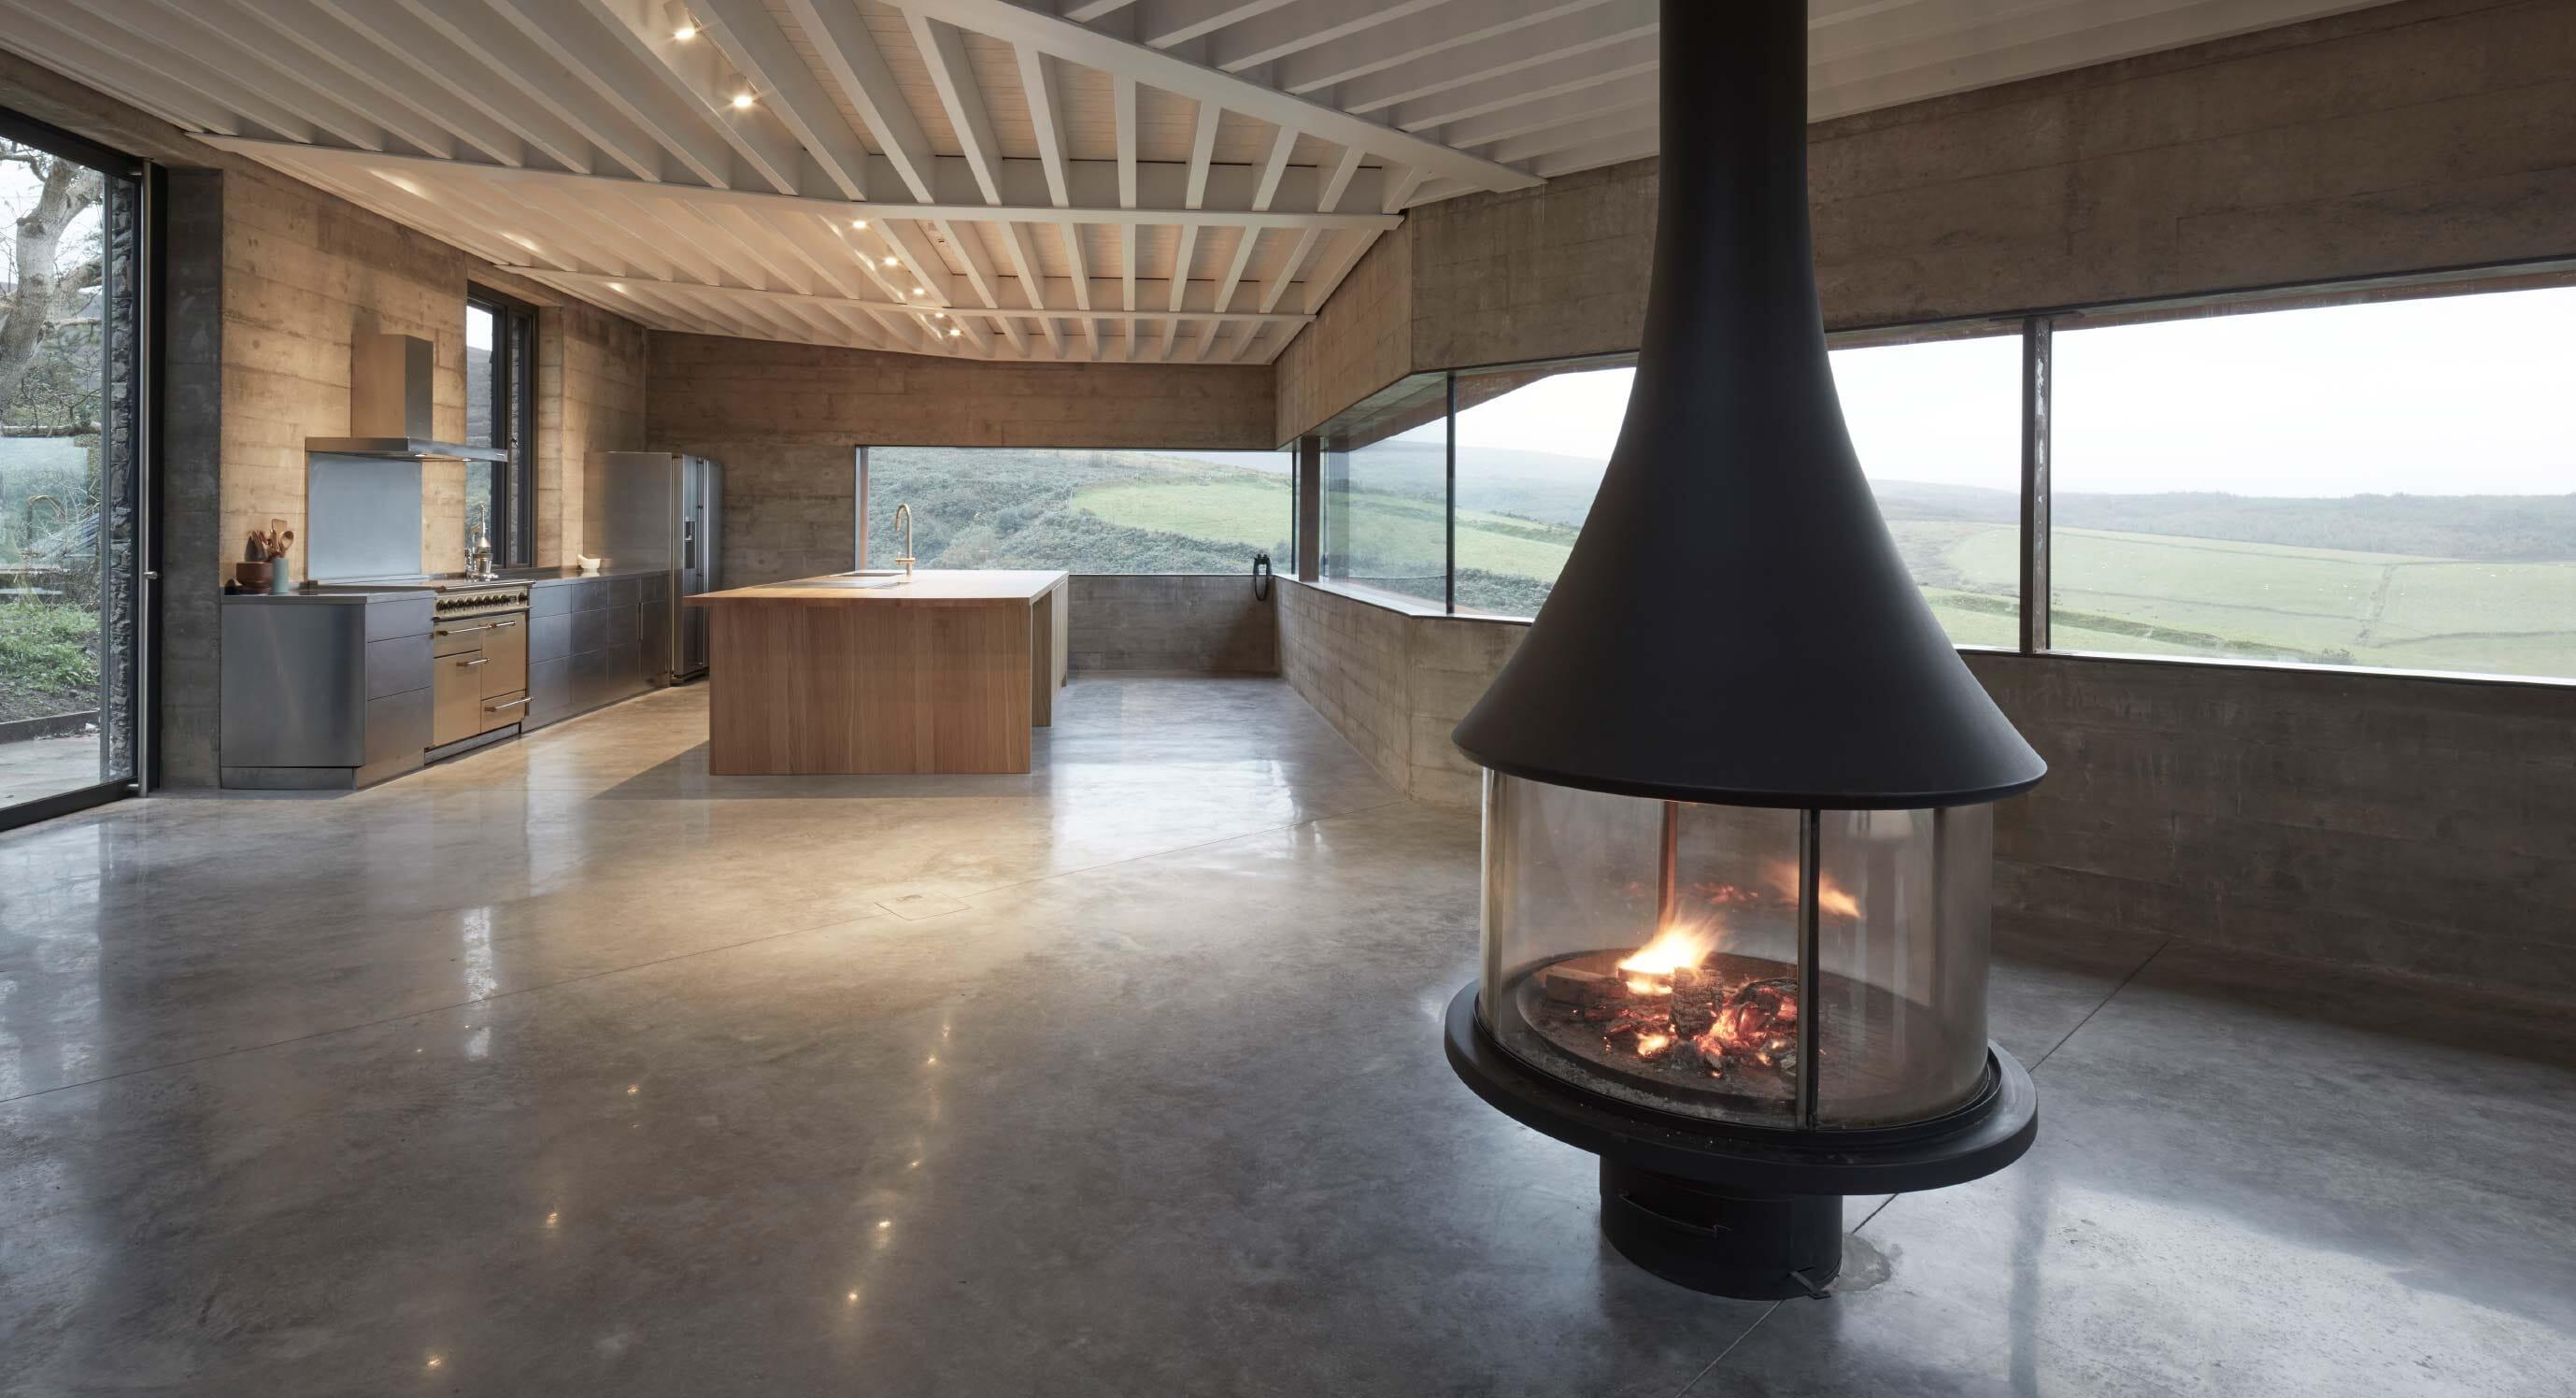 Sartfell Retreat: Design for the future